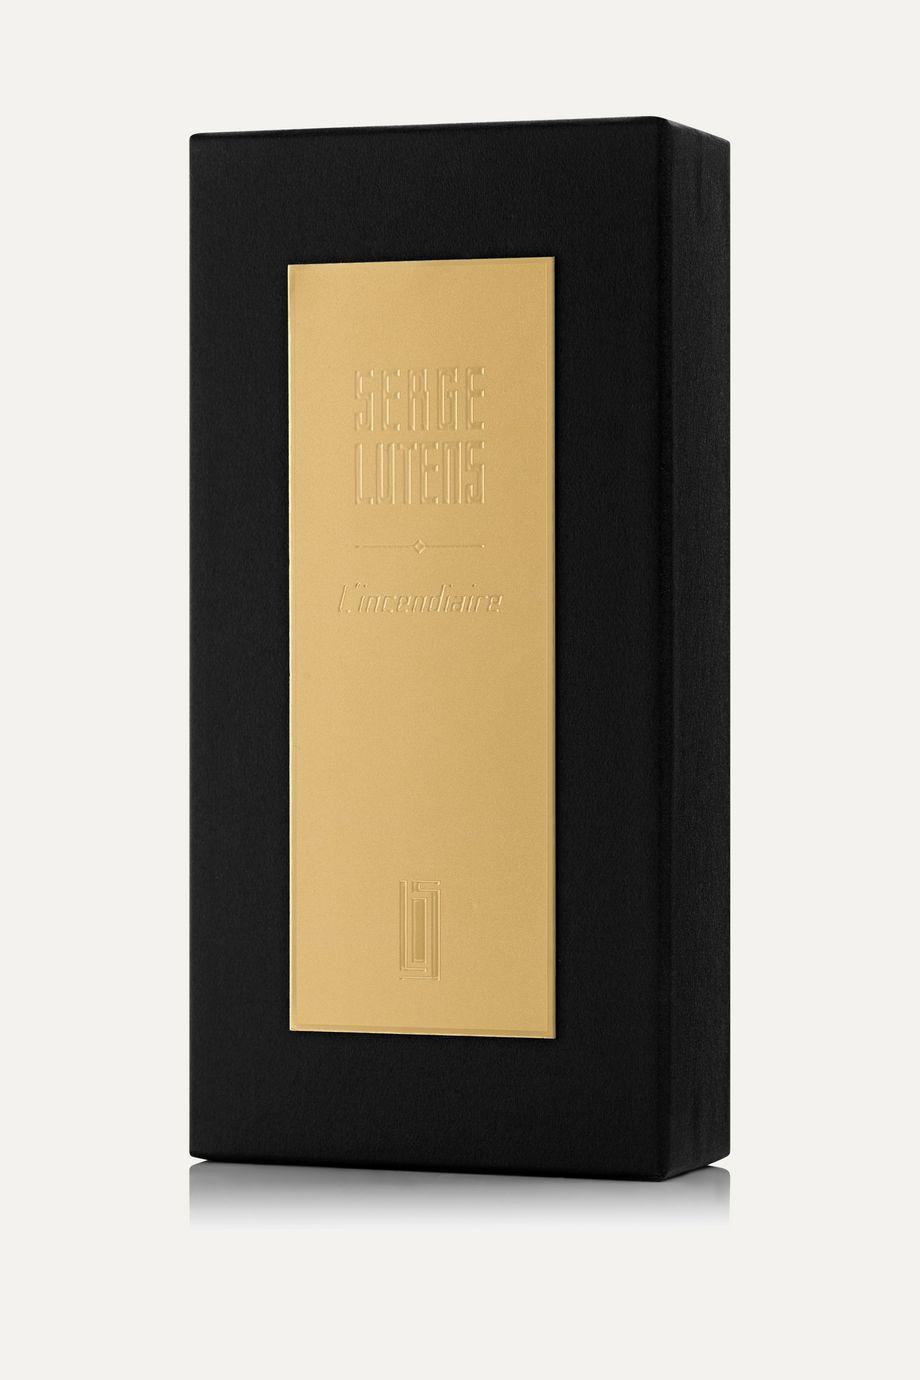 Serge Lutens L'Incendiaire, 50 ml – Eau de Parfum